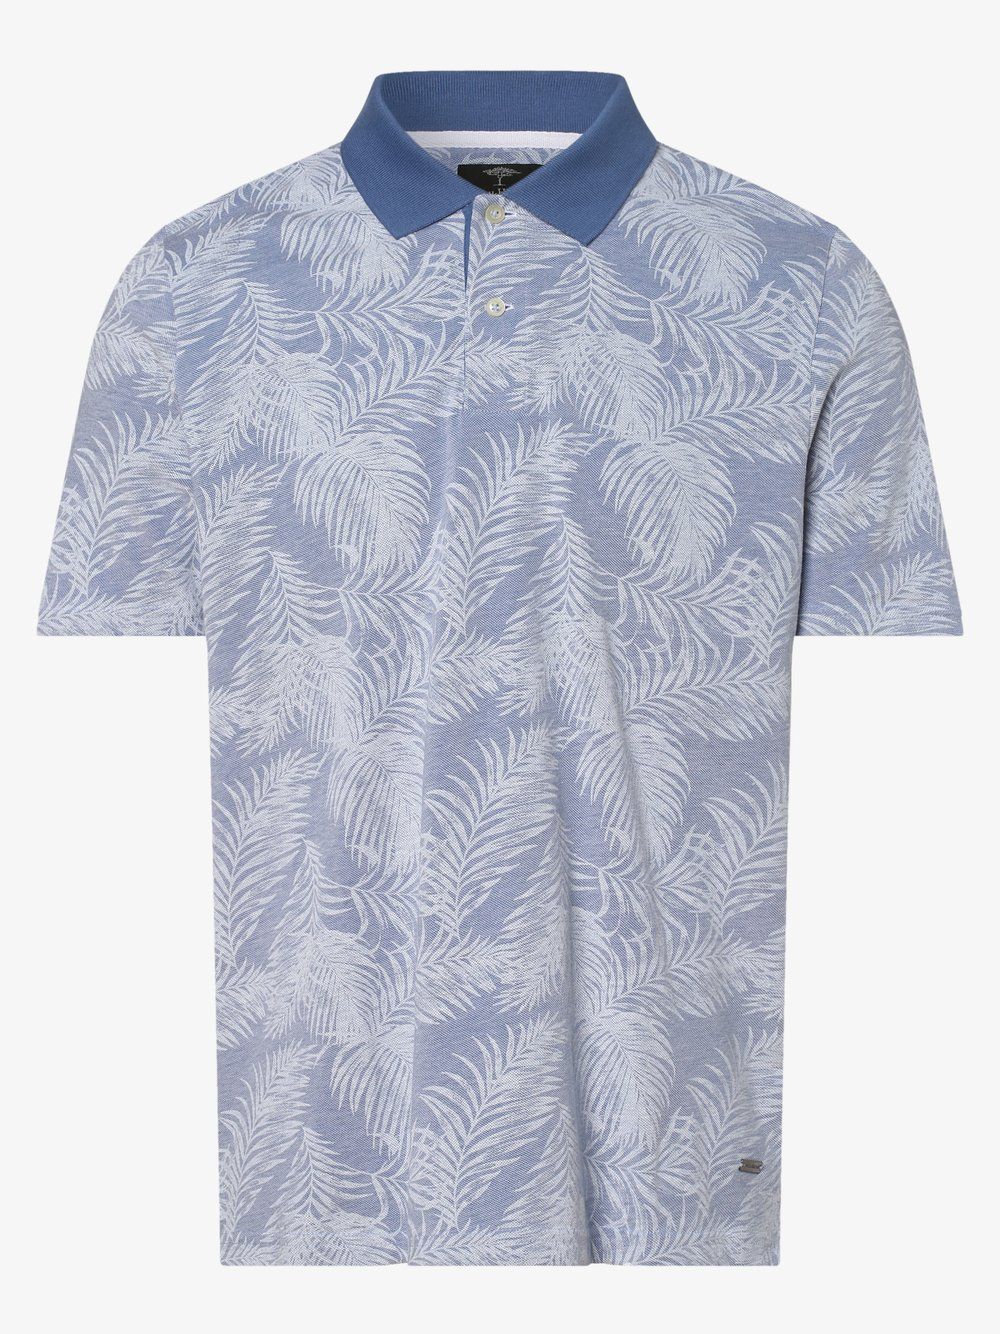 Fynch-Hatton – Męska koszulka polo, niebieski Van Graaf 464076-0002-09940